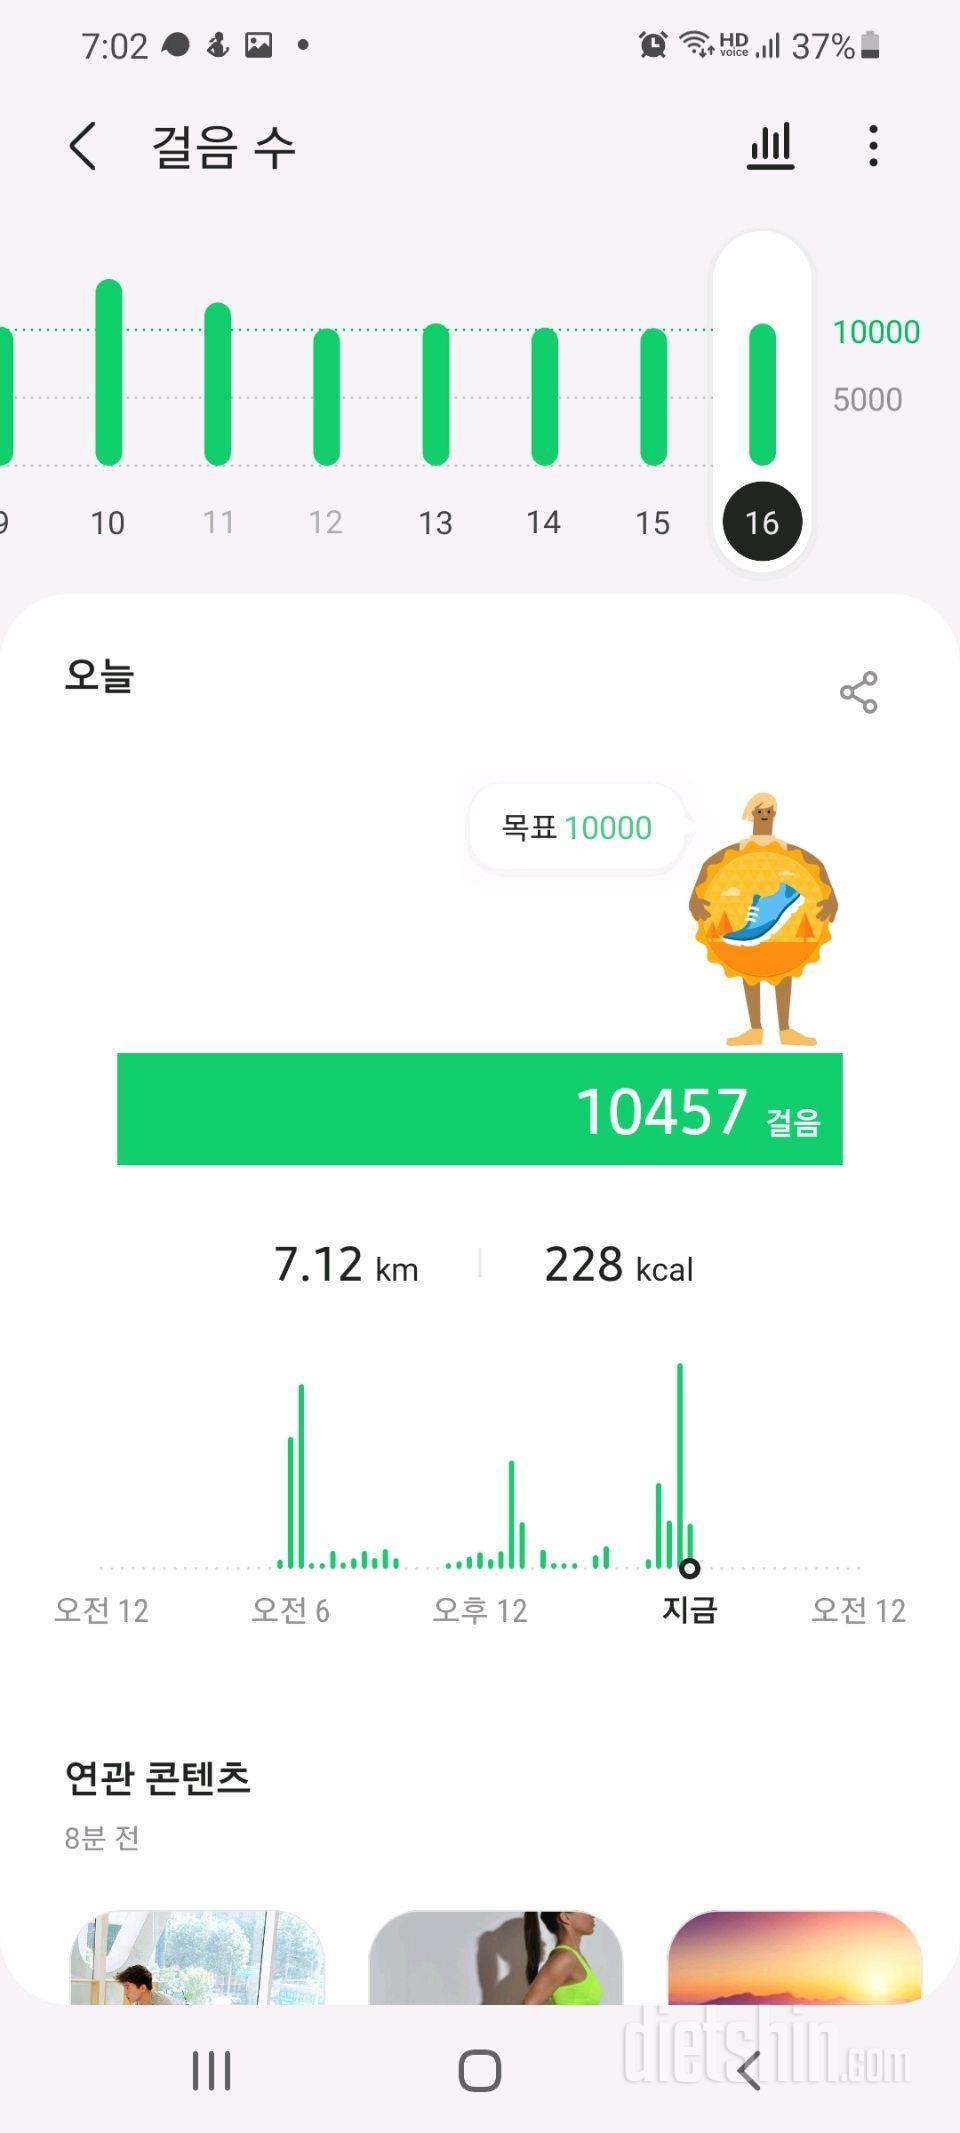 30일 만보 걷기 149일차 성공!